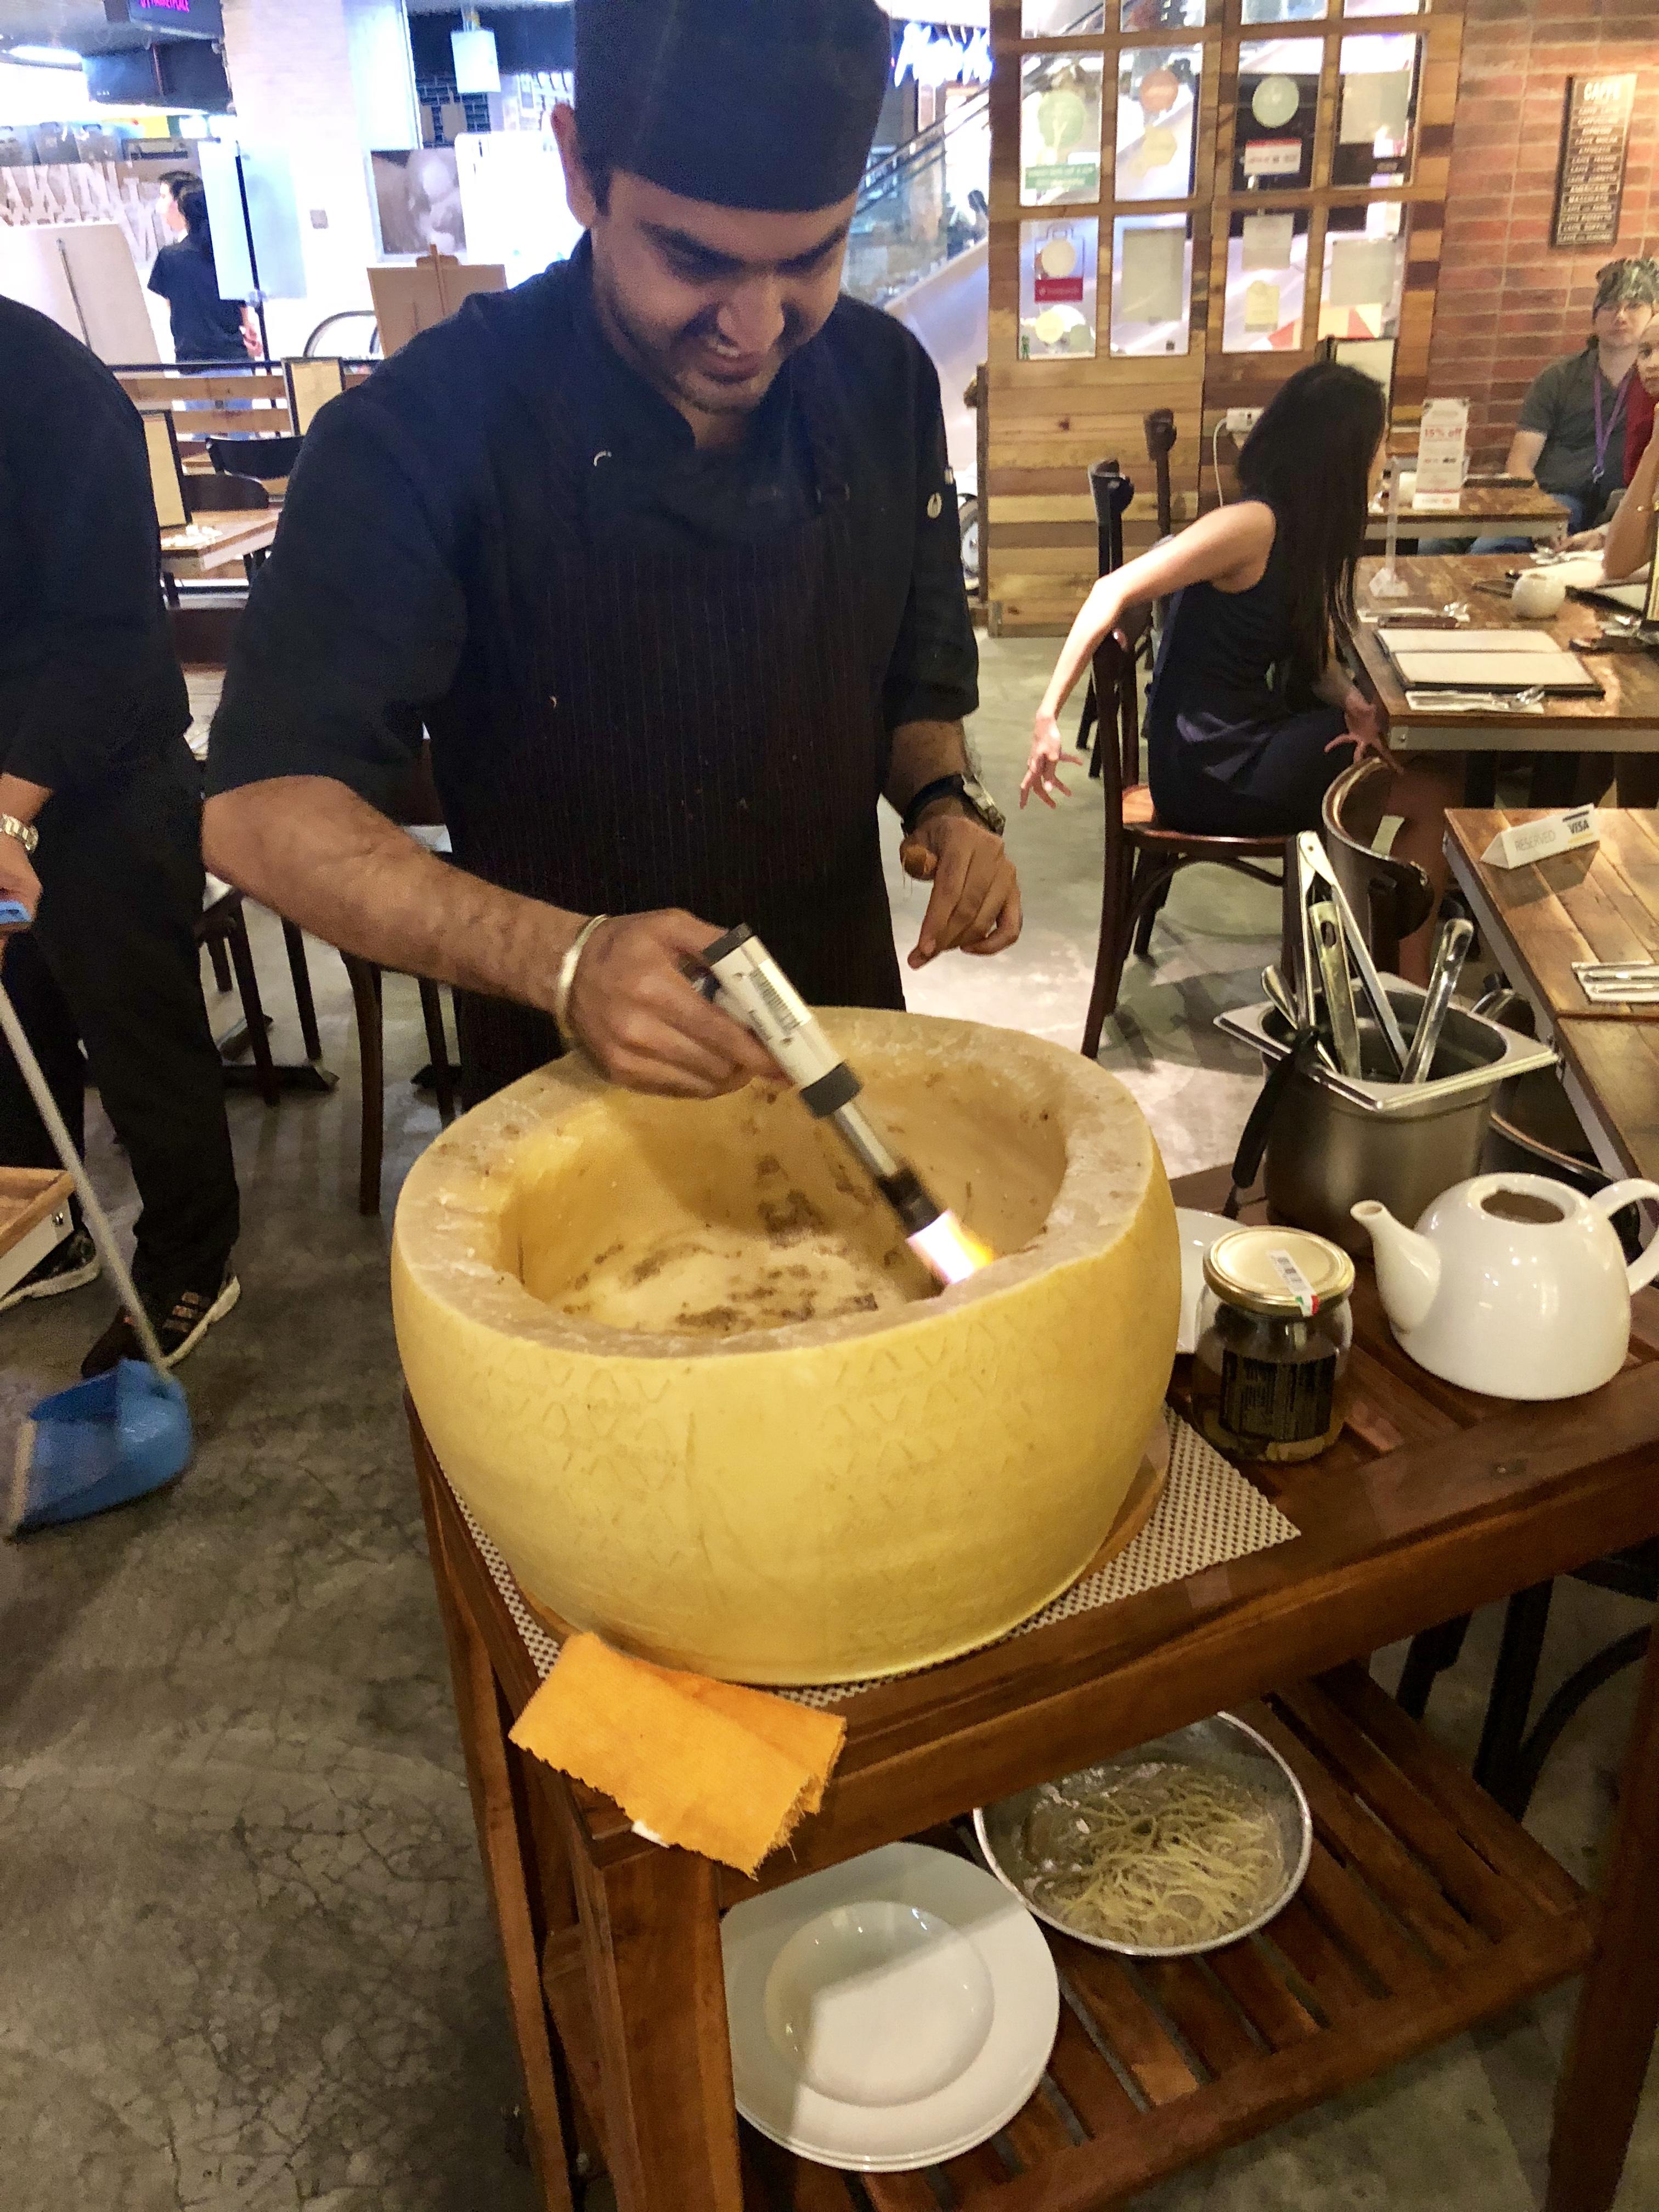 Kucina_Cheese_Wheel_Grana_Padano